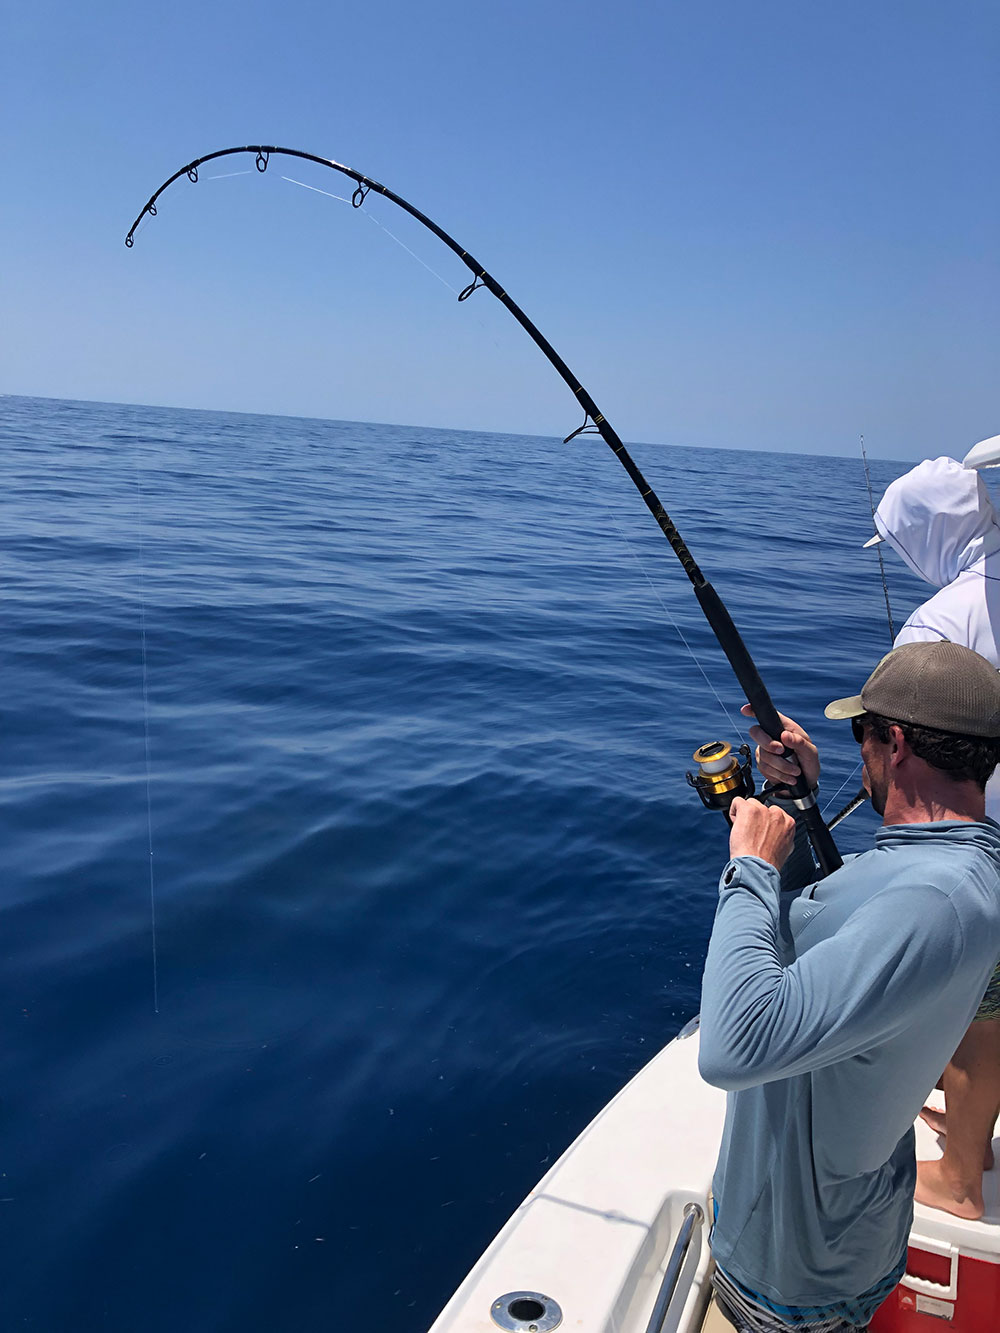 man reeling in a catch